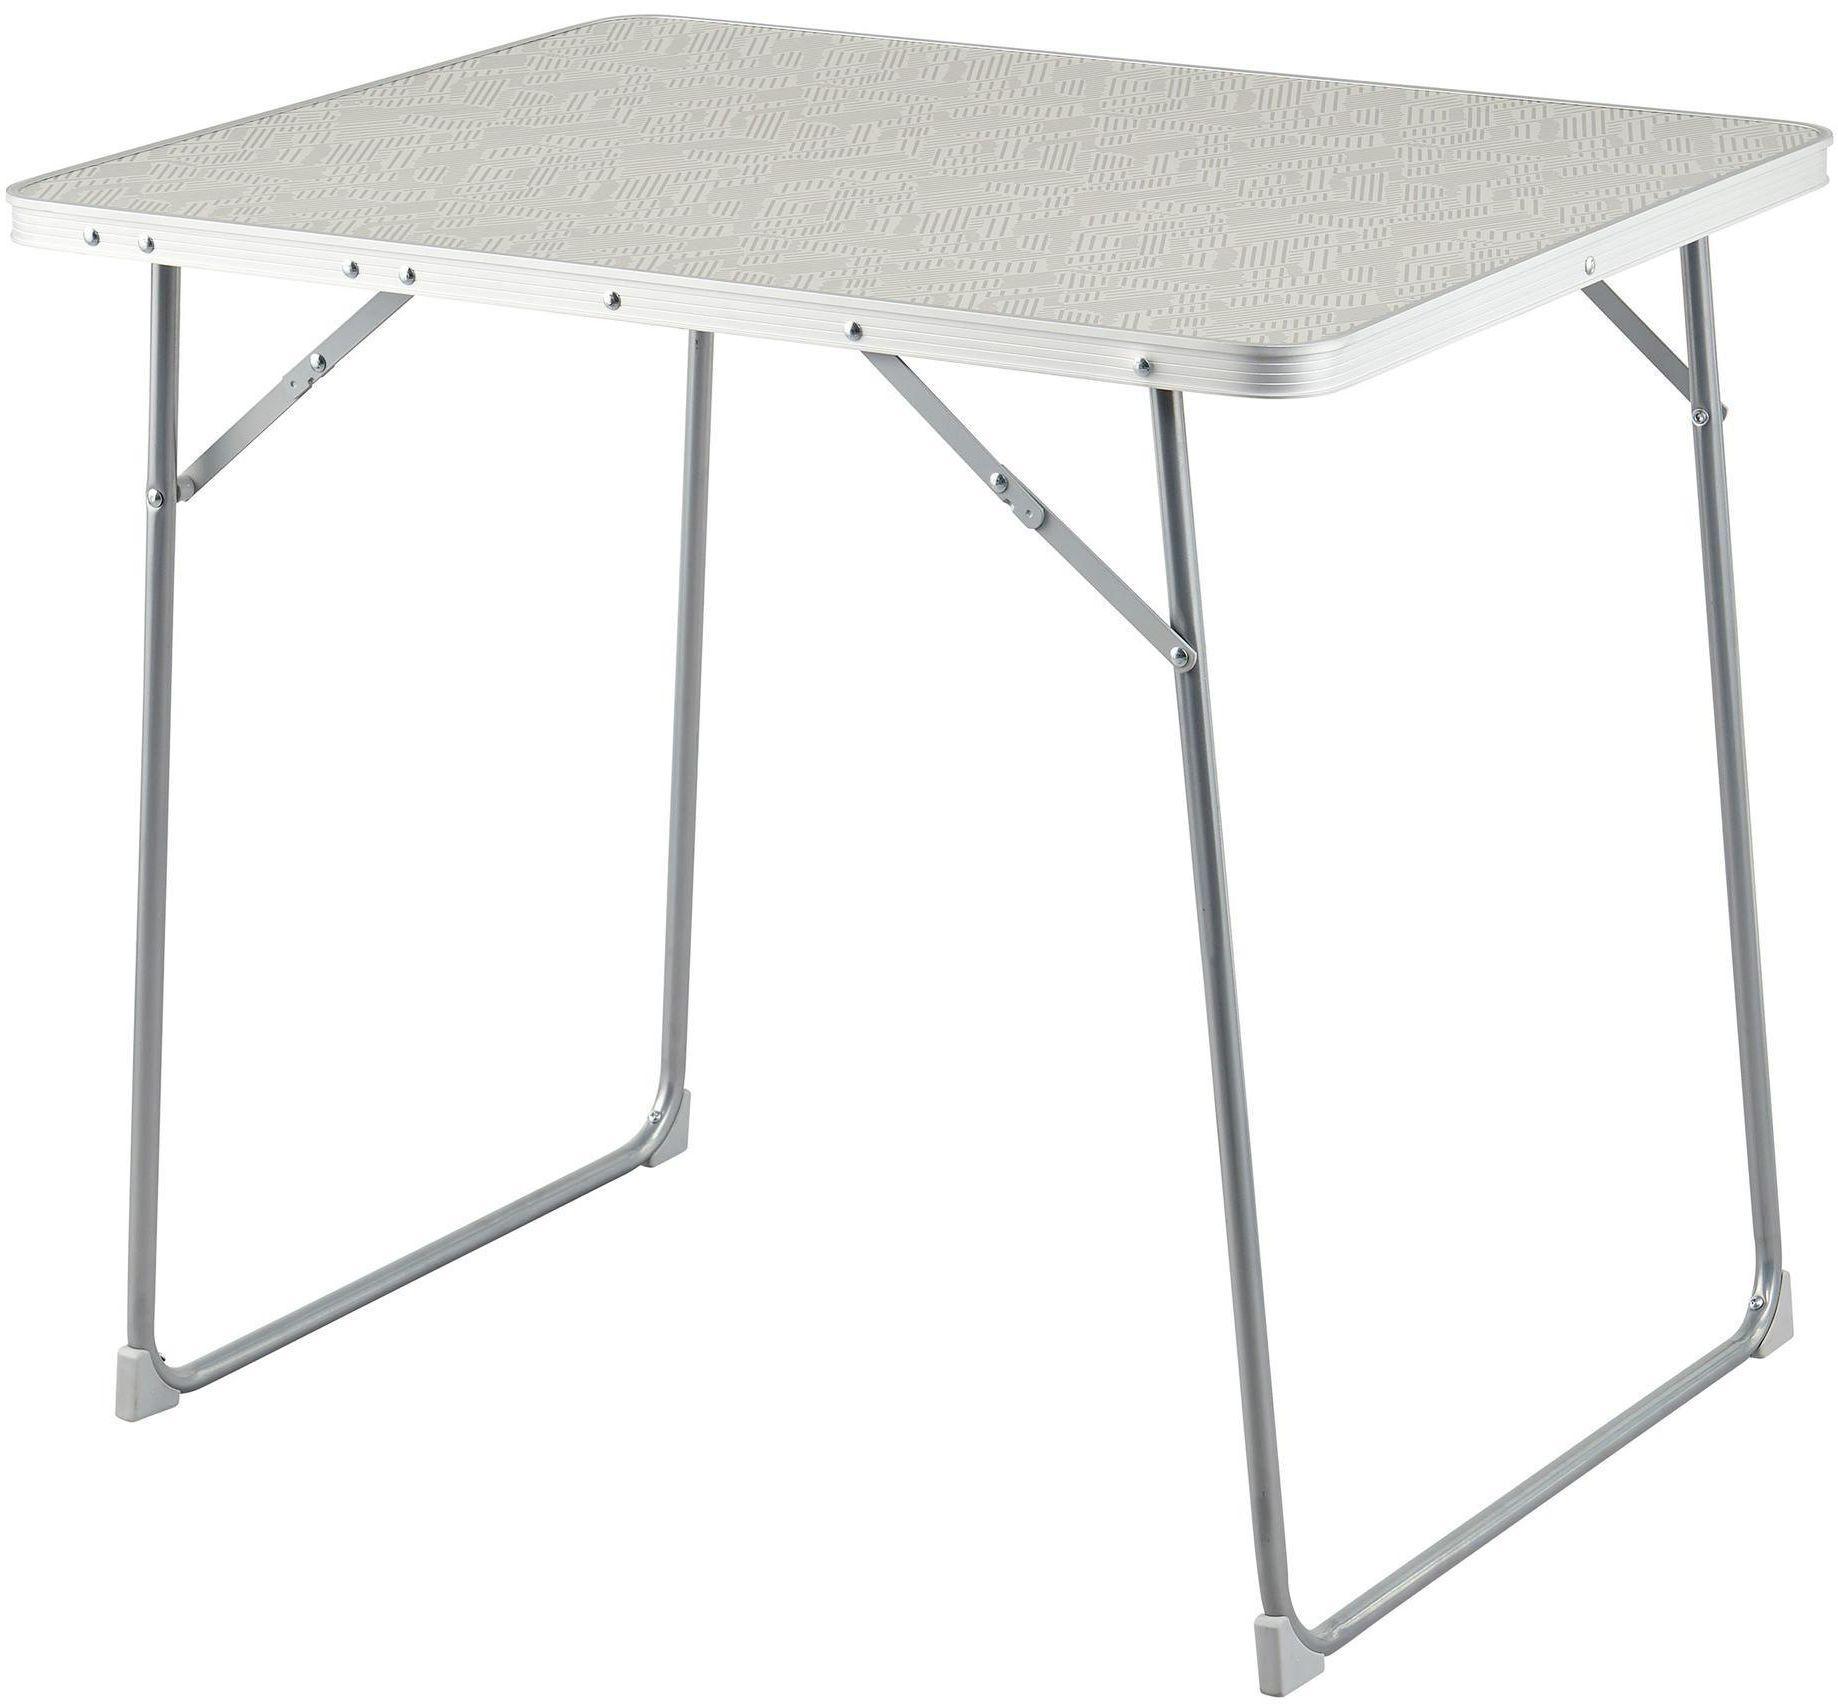 Stół kempingowy składany dla 2-4 osób